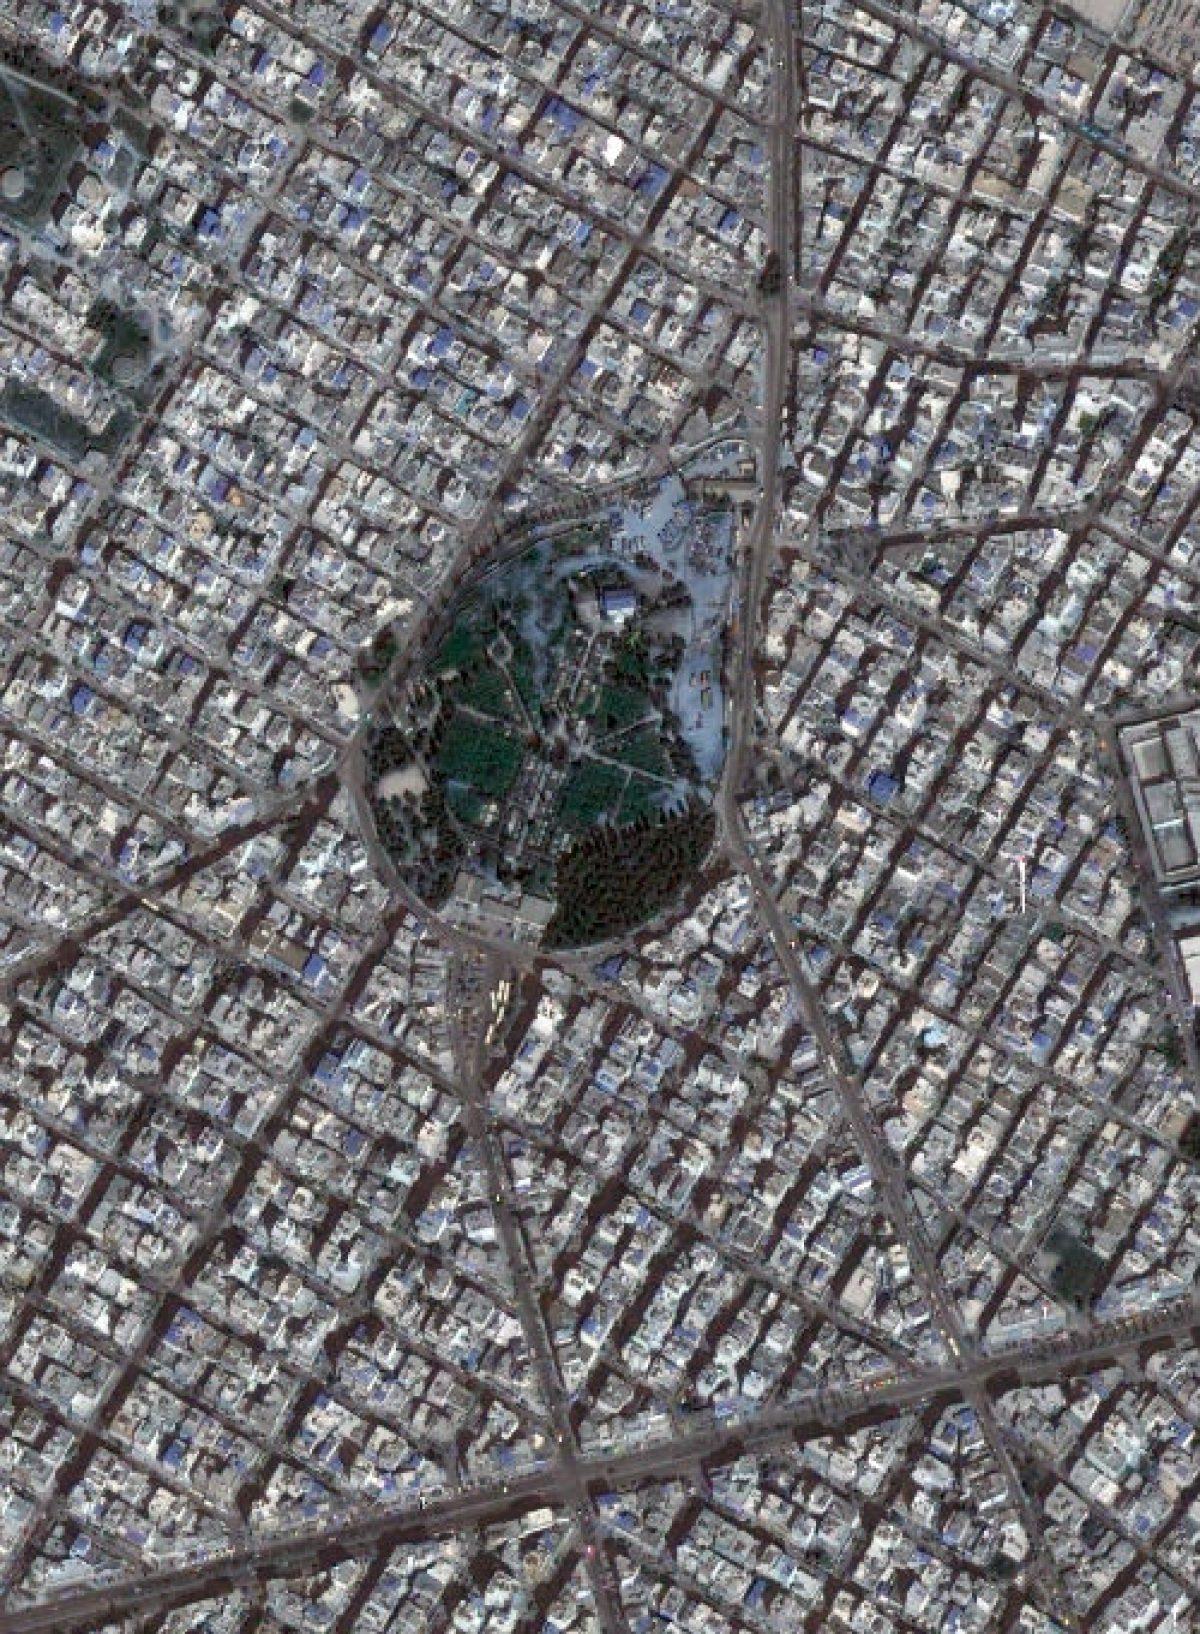 Αποτελέσματα Αρχιτεκτονικού Διαγωνισμού Ιδεών Αξιοποίησης 46 στρεμμάτων πρώην νεκροταφείου Νεαπόλεως Νίκαιας